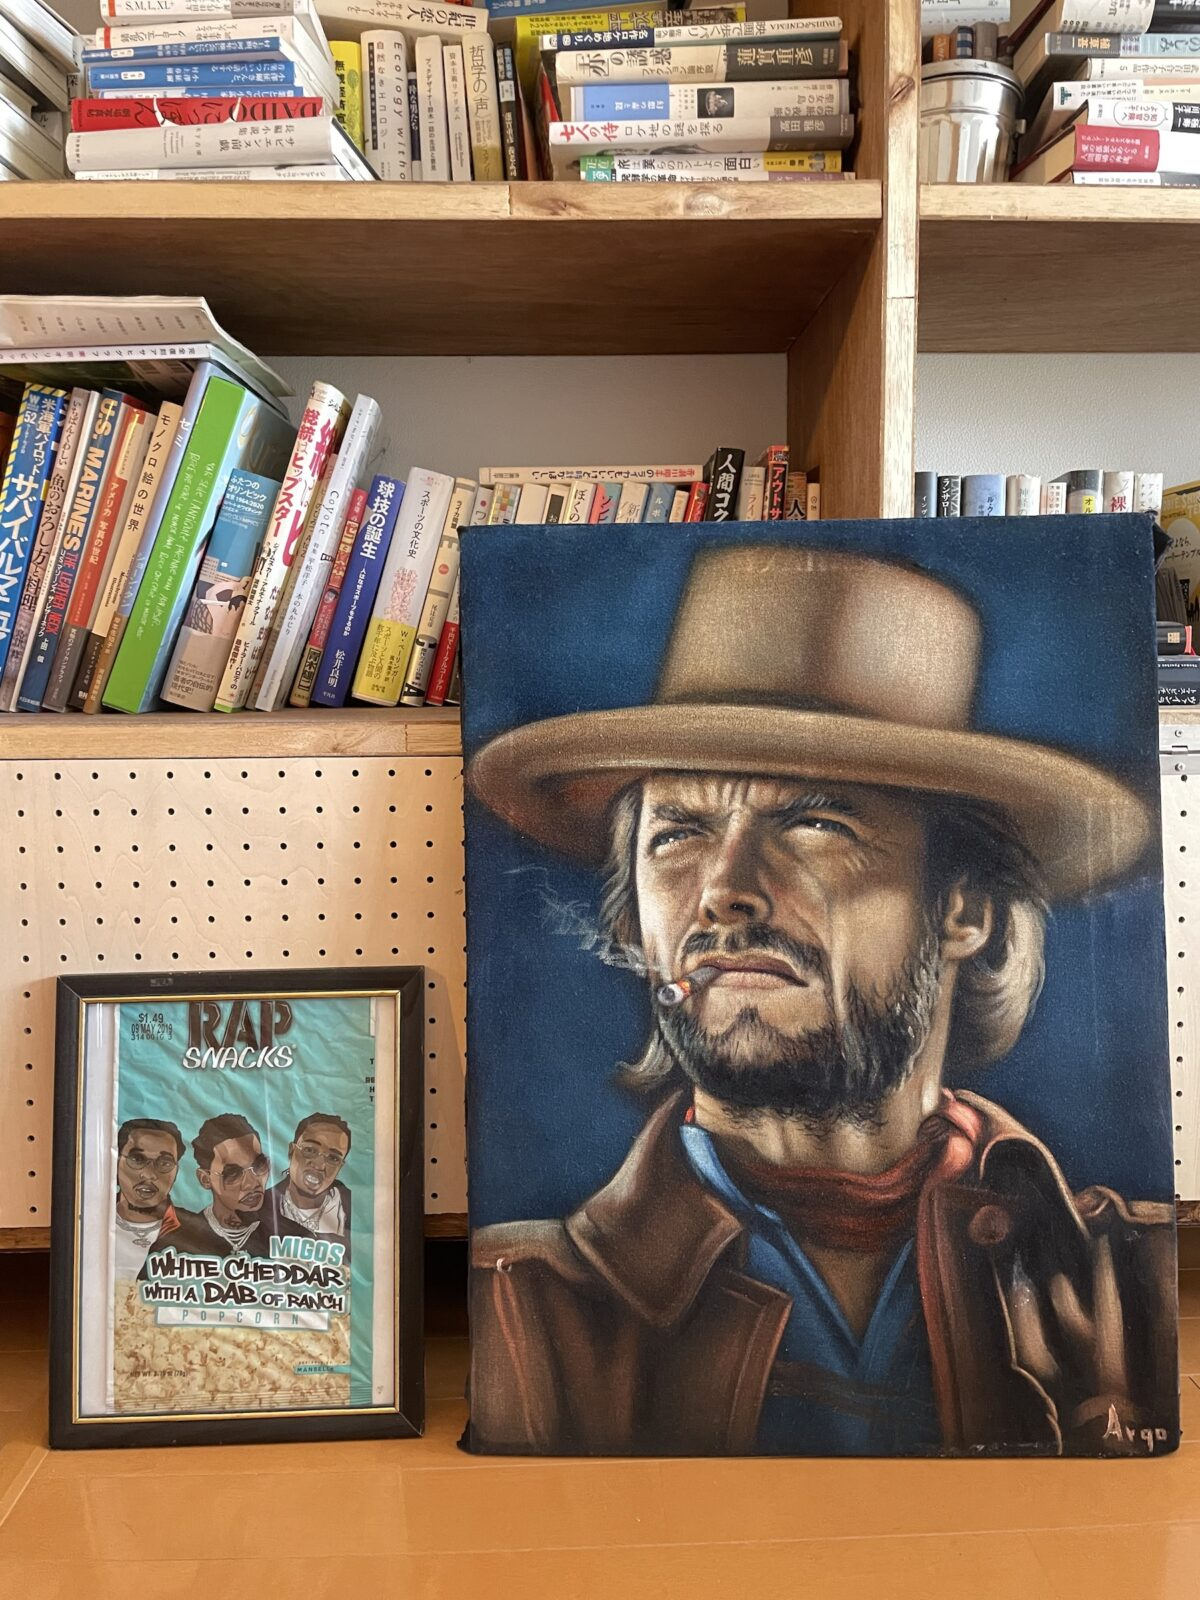 クリント・イーストウッドのヘタウマな絵画は、黒いベルベットに描かれた油絵。Argoとサインがあるが、ティファナに住んでいるという以外の詳細は不明。サイト「etsy」で購入。隣にあるのは、LAの路上で拾った「RAP SNACK」というアメリカにしか売られてないポテトチップスの袋。額装するといい感じ。